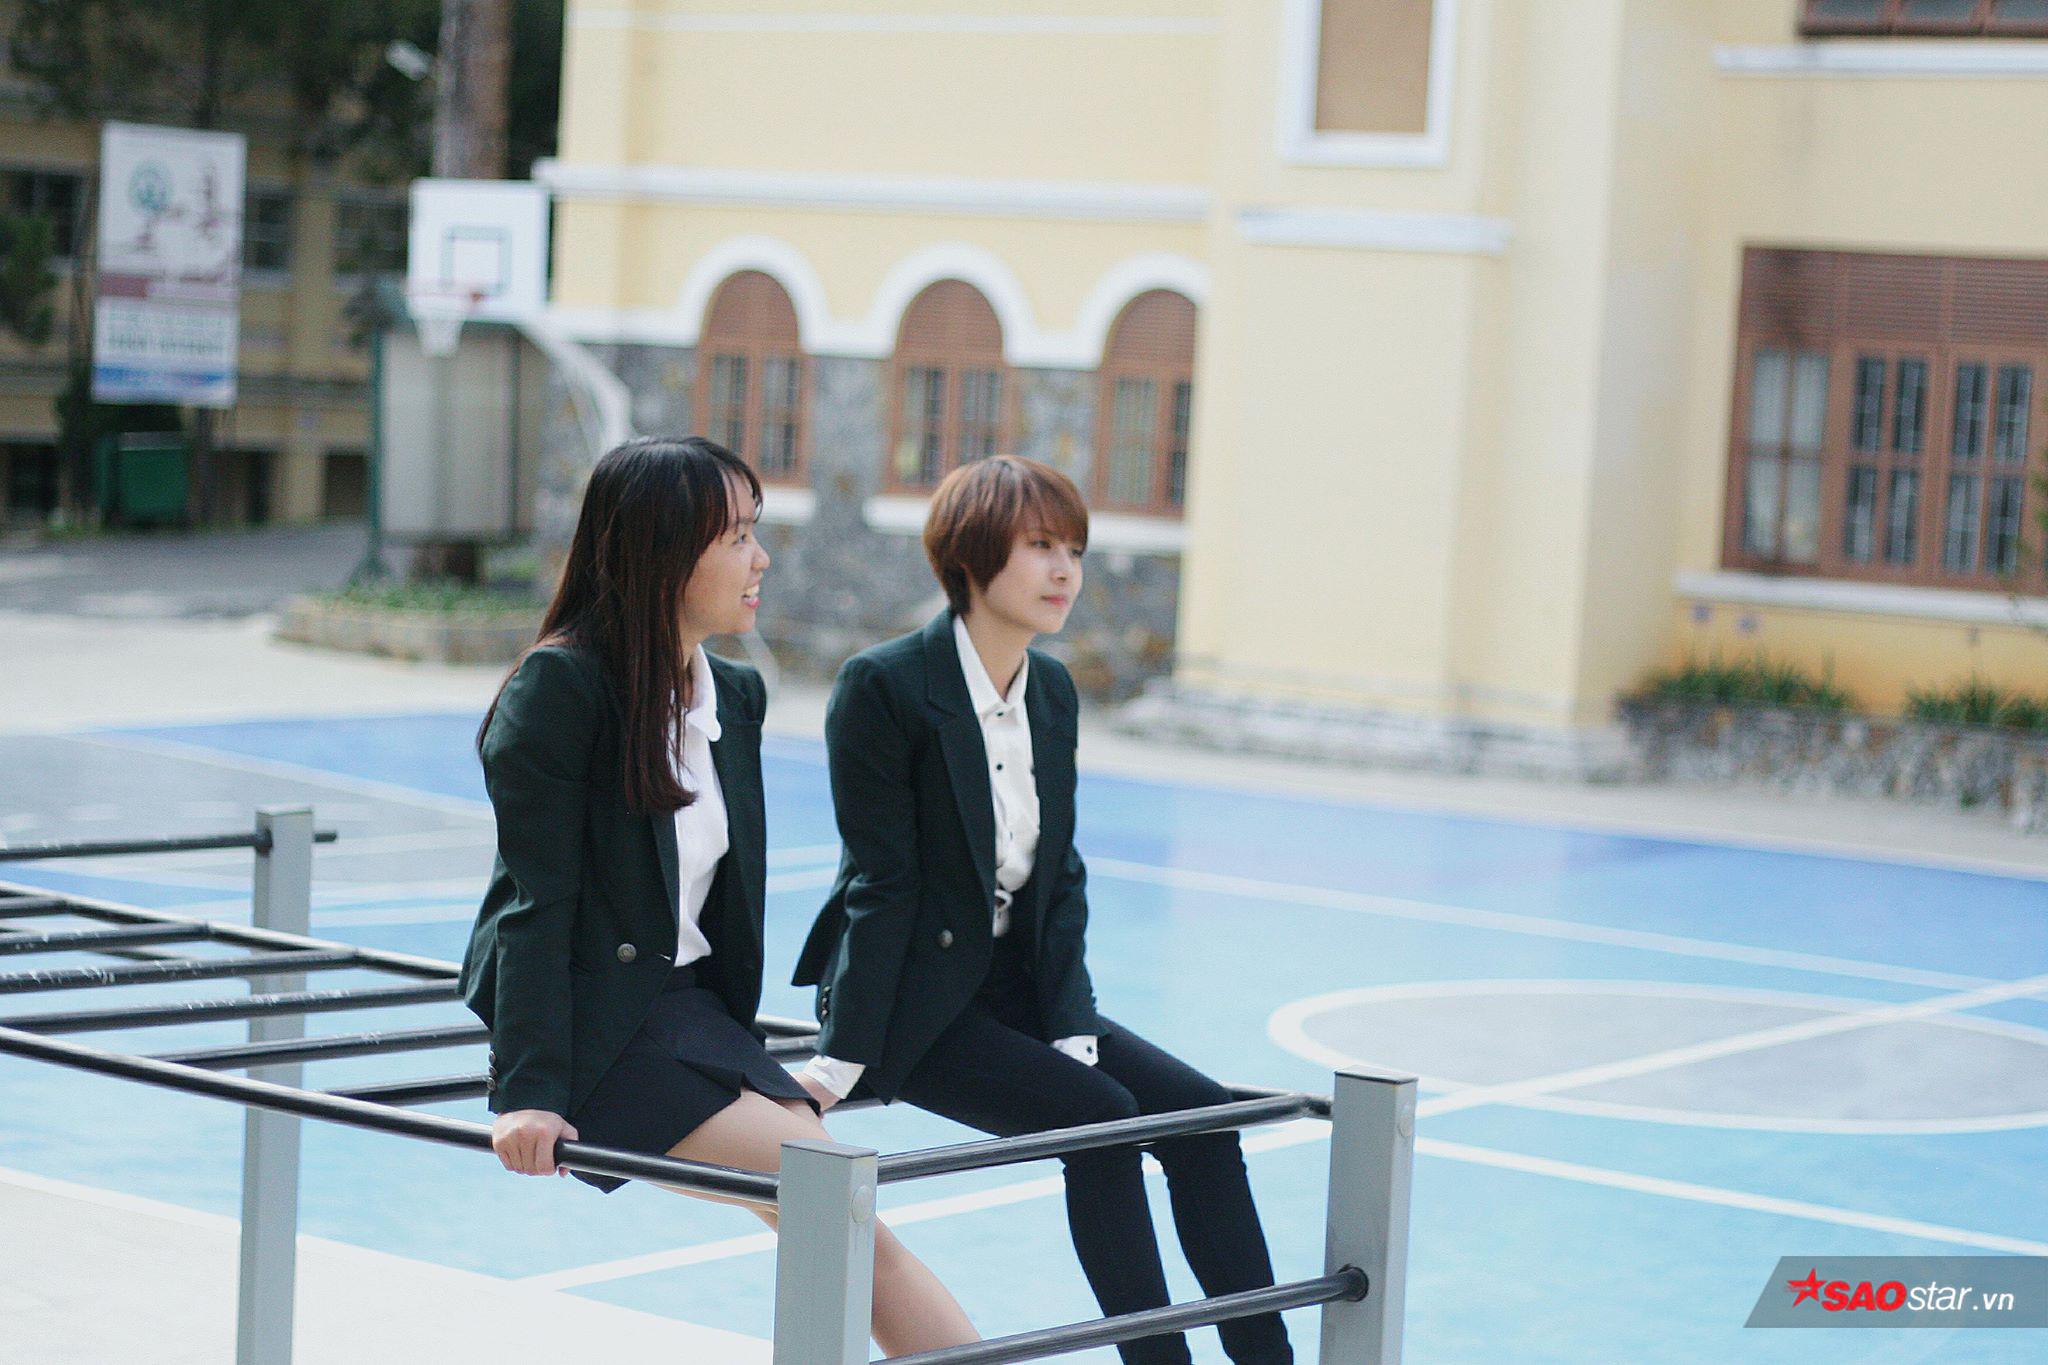 Đồng phục do chính các bạn sinh viên của trường thiết kế với hình ảnh đặc trưng là chiếc áo vest màu xanh già.